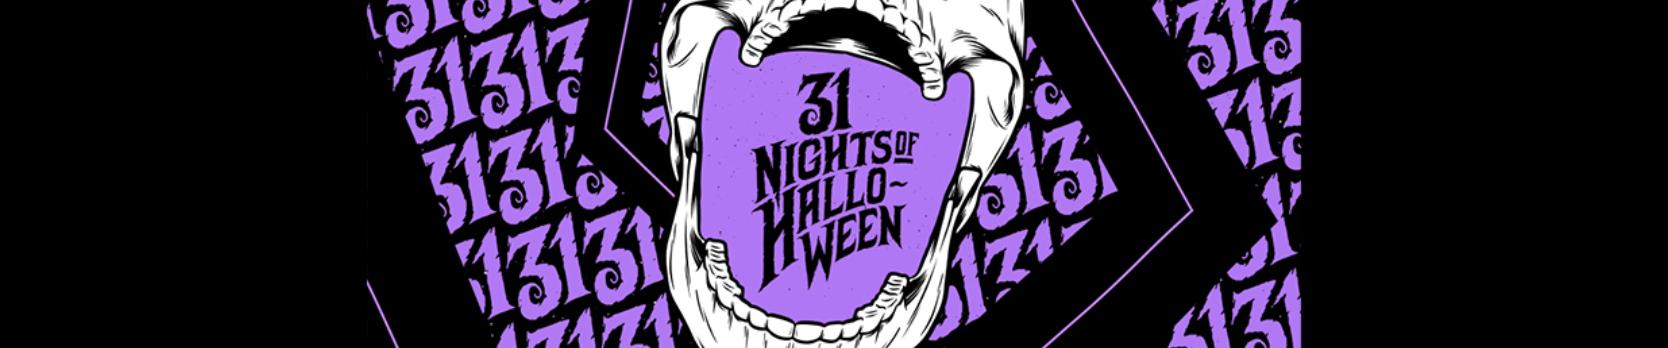 Freeform's 31 Nights of Halloween Schedule is Here!